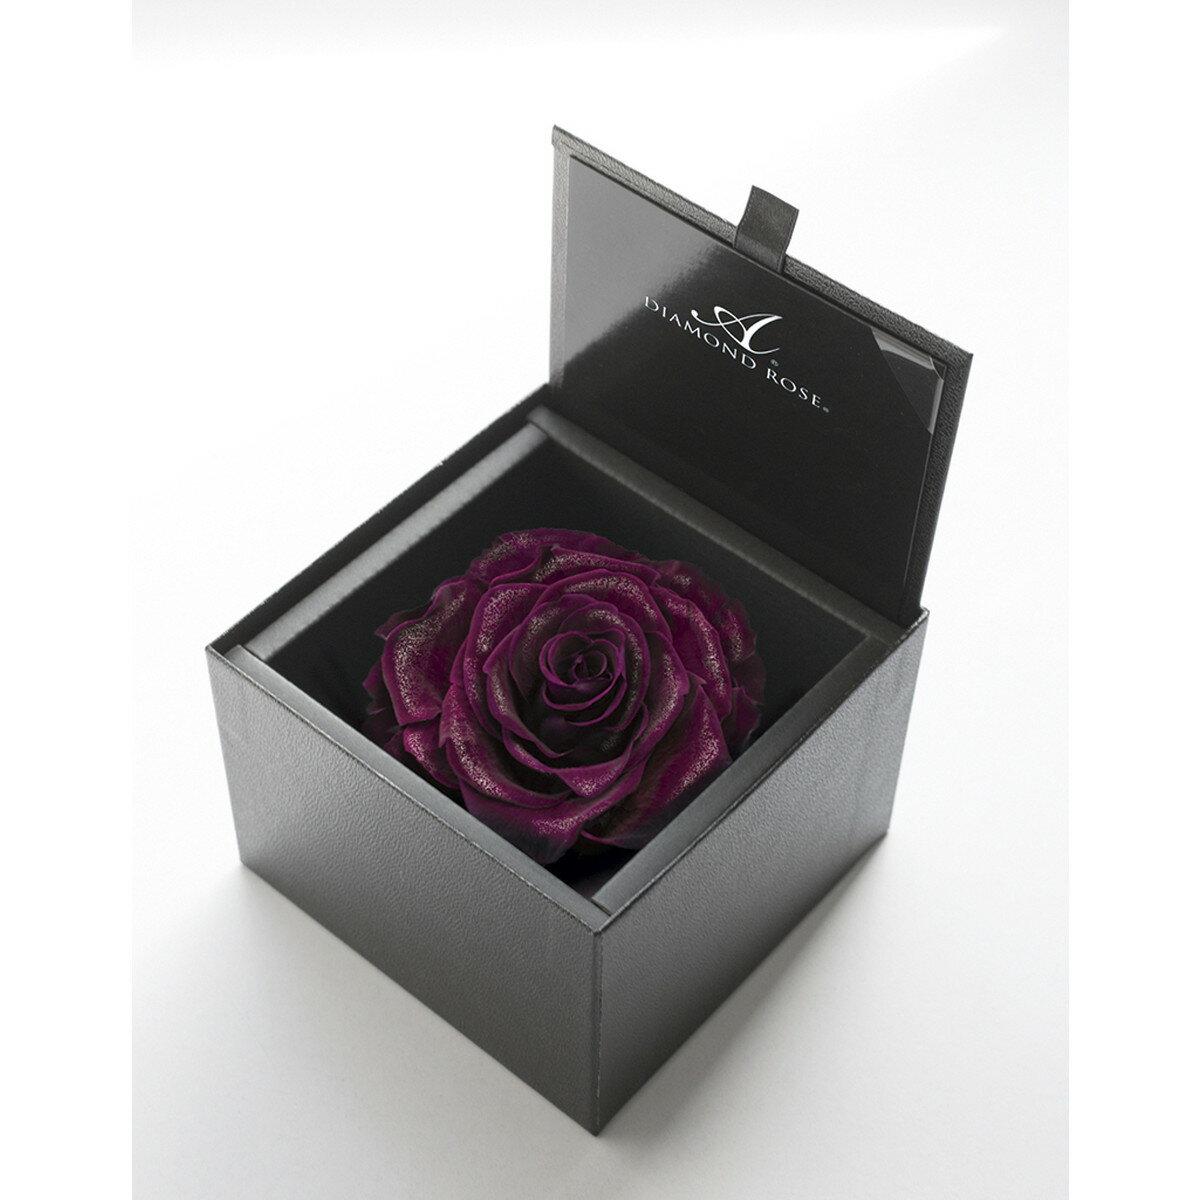 【プリザーブド】アモローサ/ダイヤモンドローズボックス 105(箱:エンボスブラック) リッチプラム/1217-52【01】【07】【取寄】[6箱]《 プリザーブドフラワー プリザーブドフラワー花材 バラ(ローズ) 》